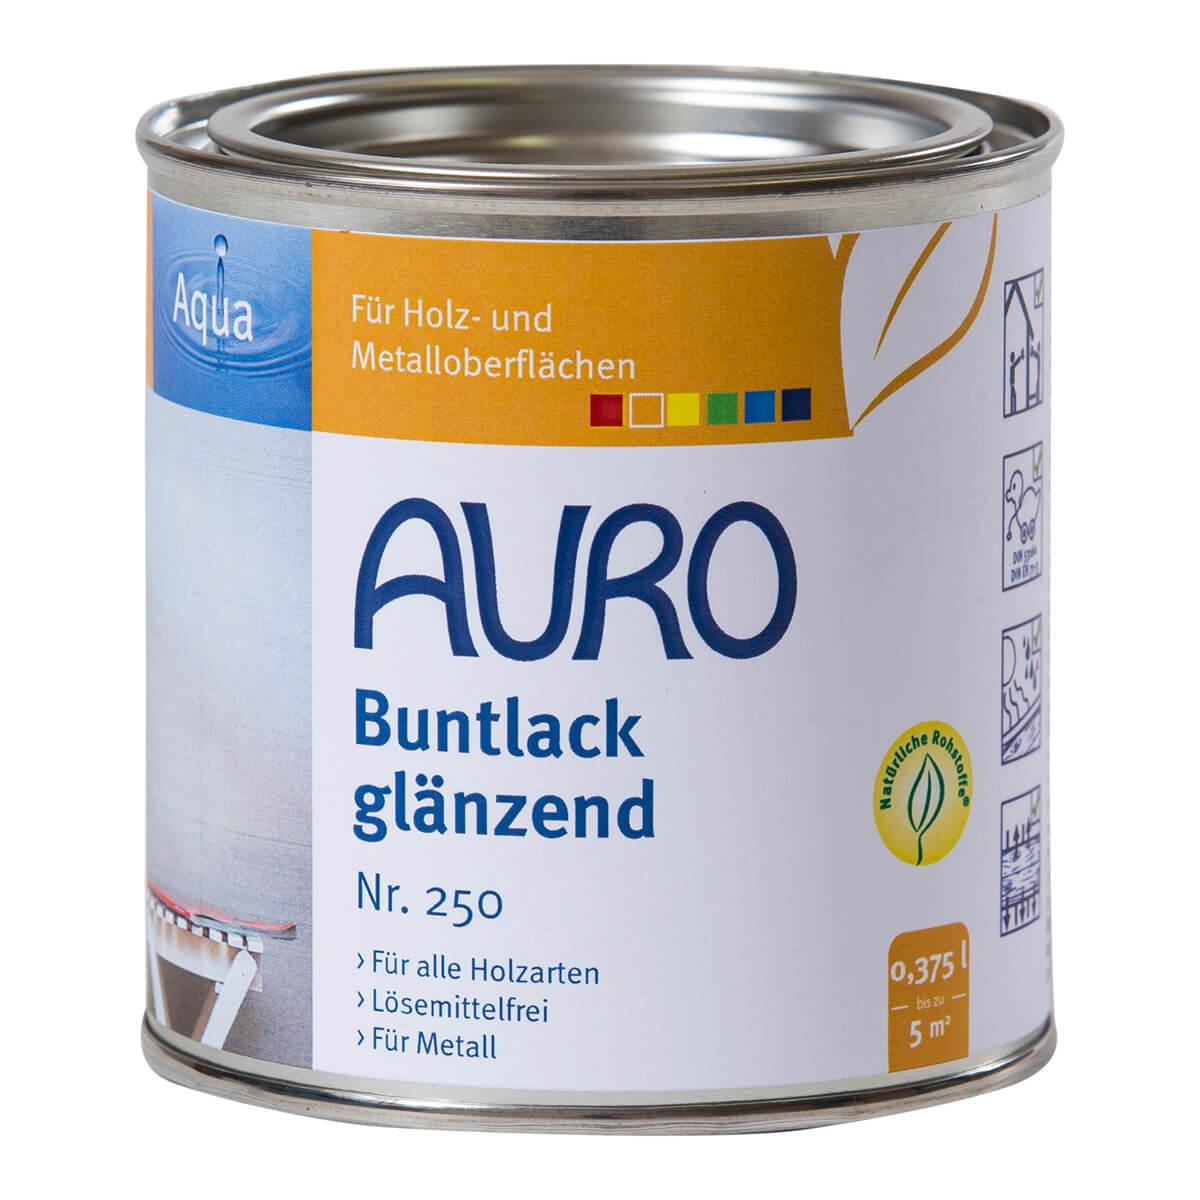 AURO Buntlack & Weißlack ° glänzend